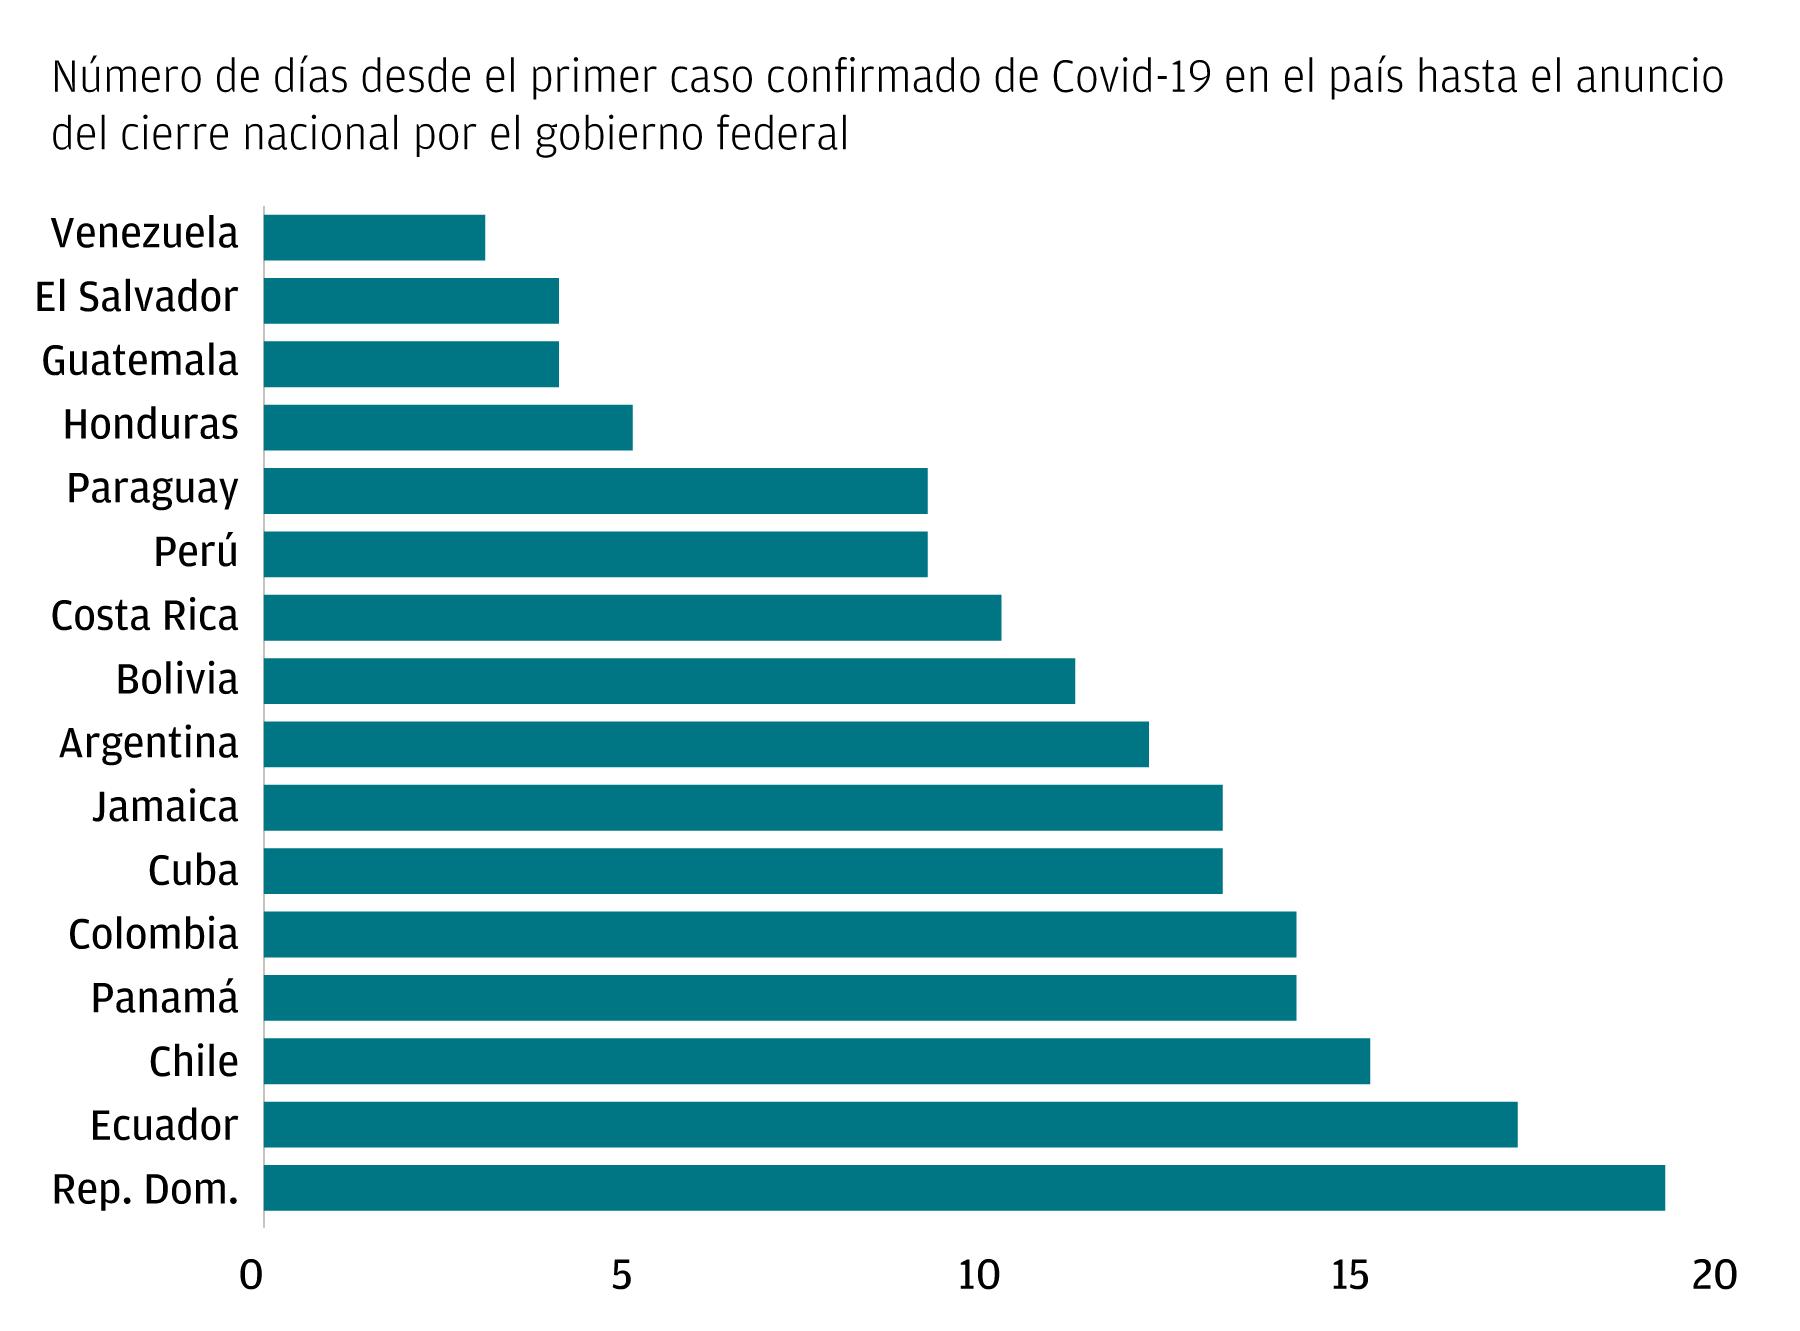 Una gráfica de barras que muestra la prontitud de respuesta de los gobiernos en determinadas economías de América Latina y el Caribe. La gráfica muestra el número de días desde el primer caso confirmado de Covid-19 en el país hasta el anuncio del cierre n